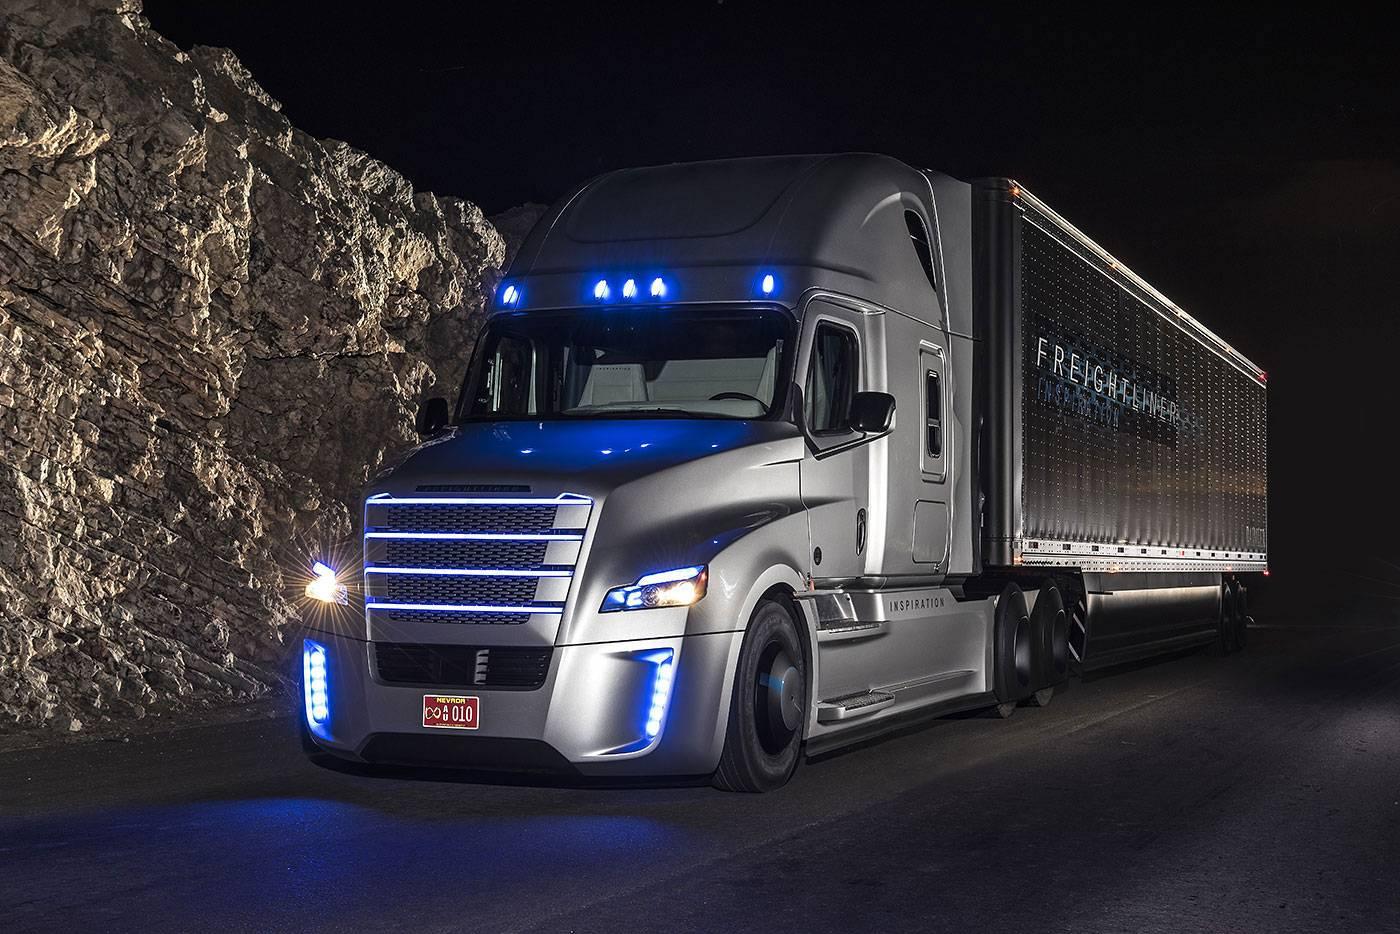 freightliner trucks interior. freightliner inspiration truck interior at night trucks